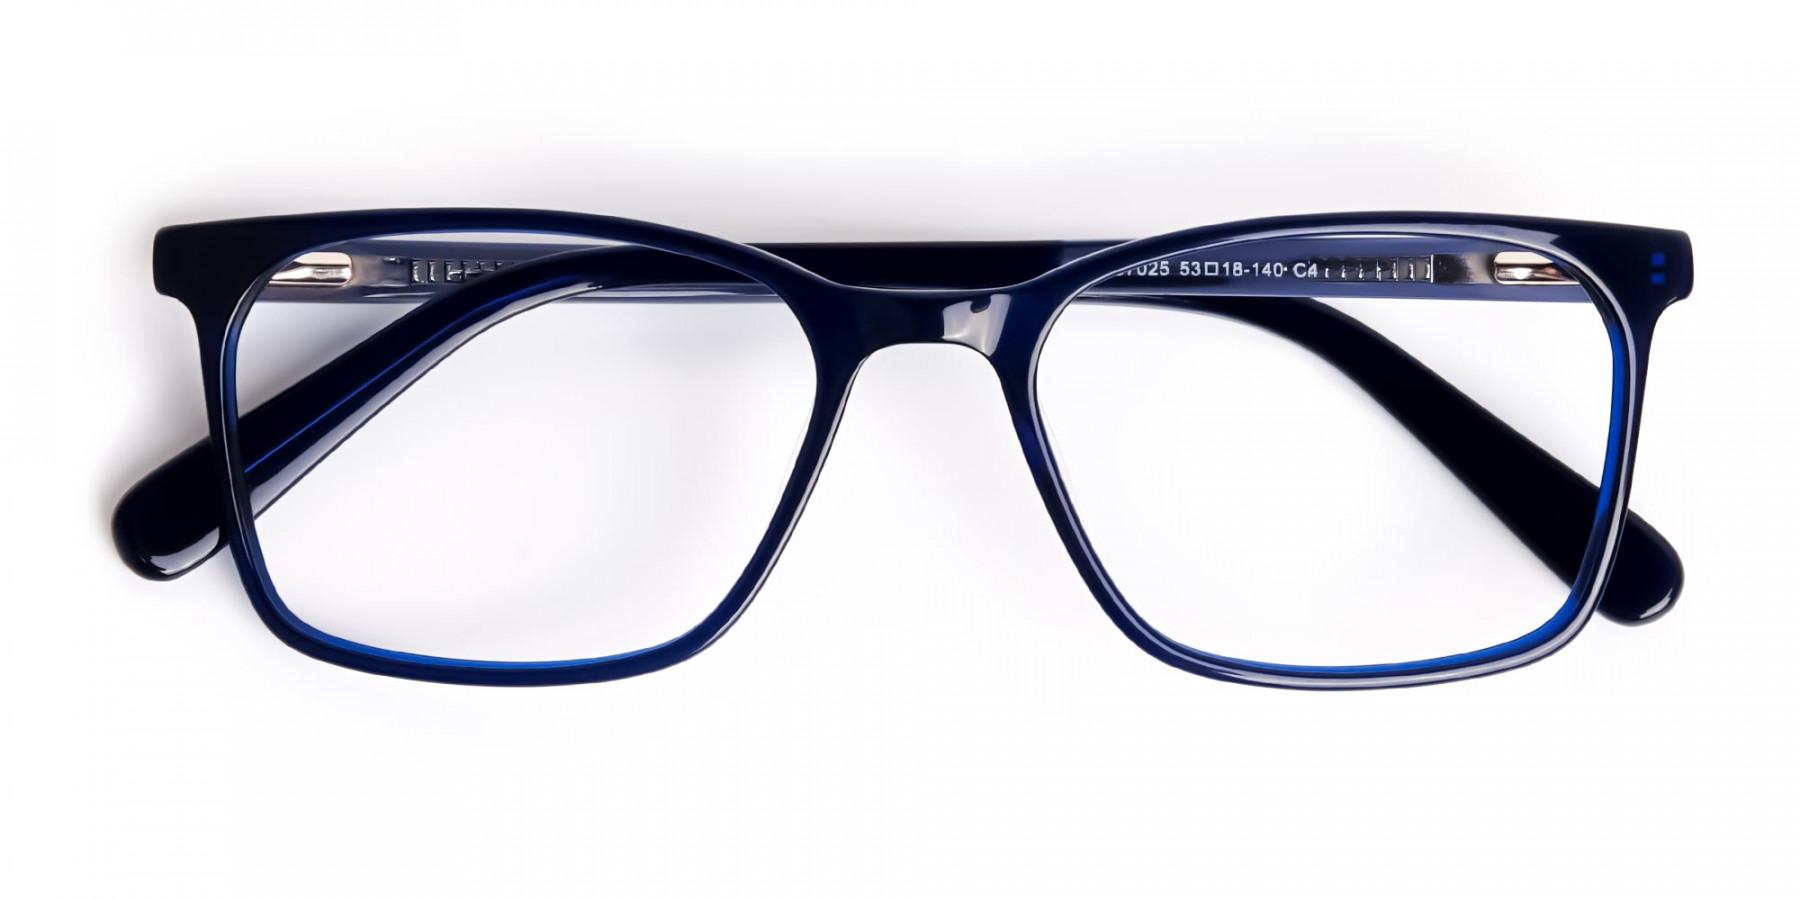 royal-blue-rectangular-glasses-frames-1